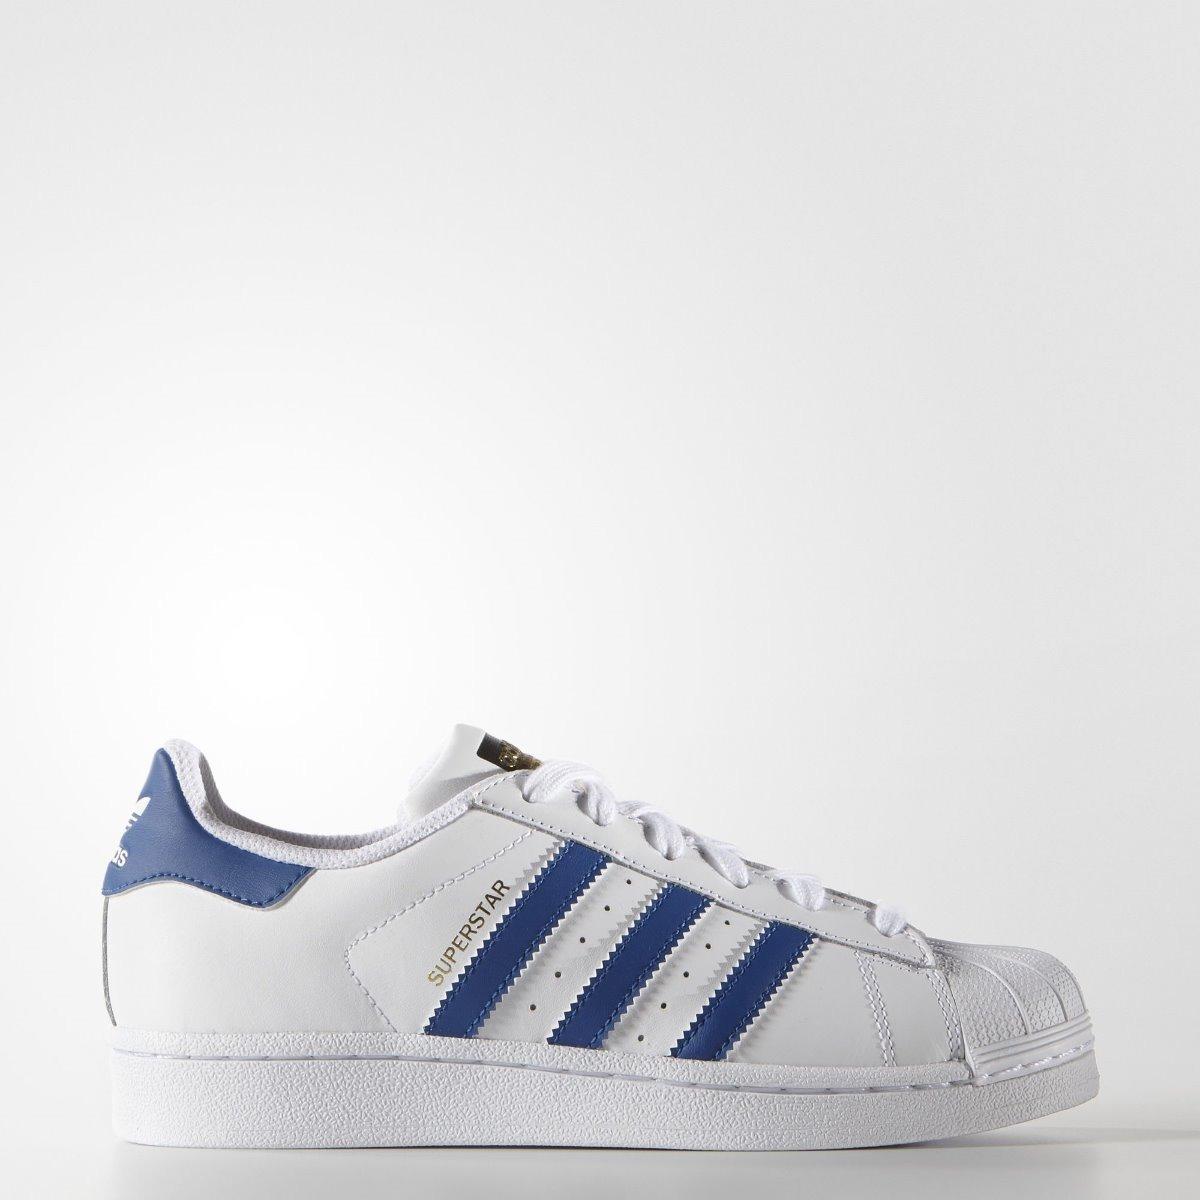 49bdde78 tenis adidas superstar blanco-azul jnr-dama concaja original. Cargando zoom.